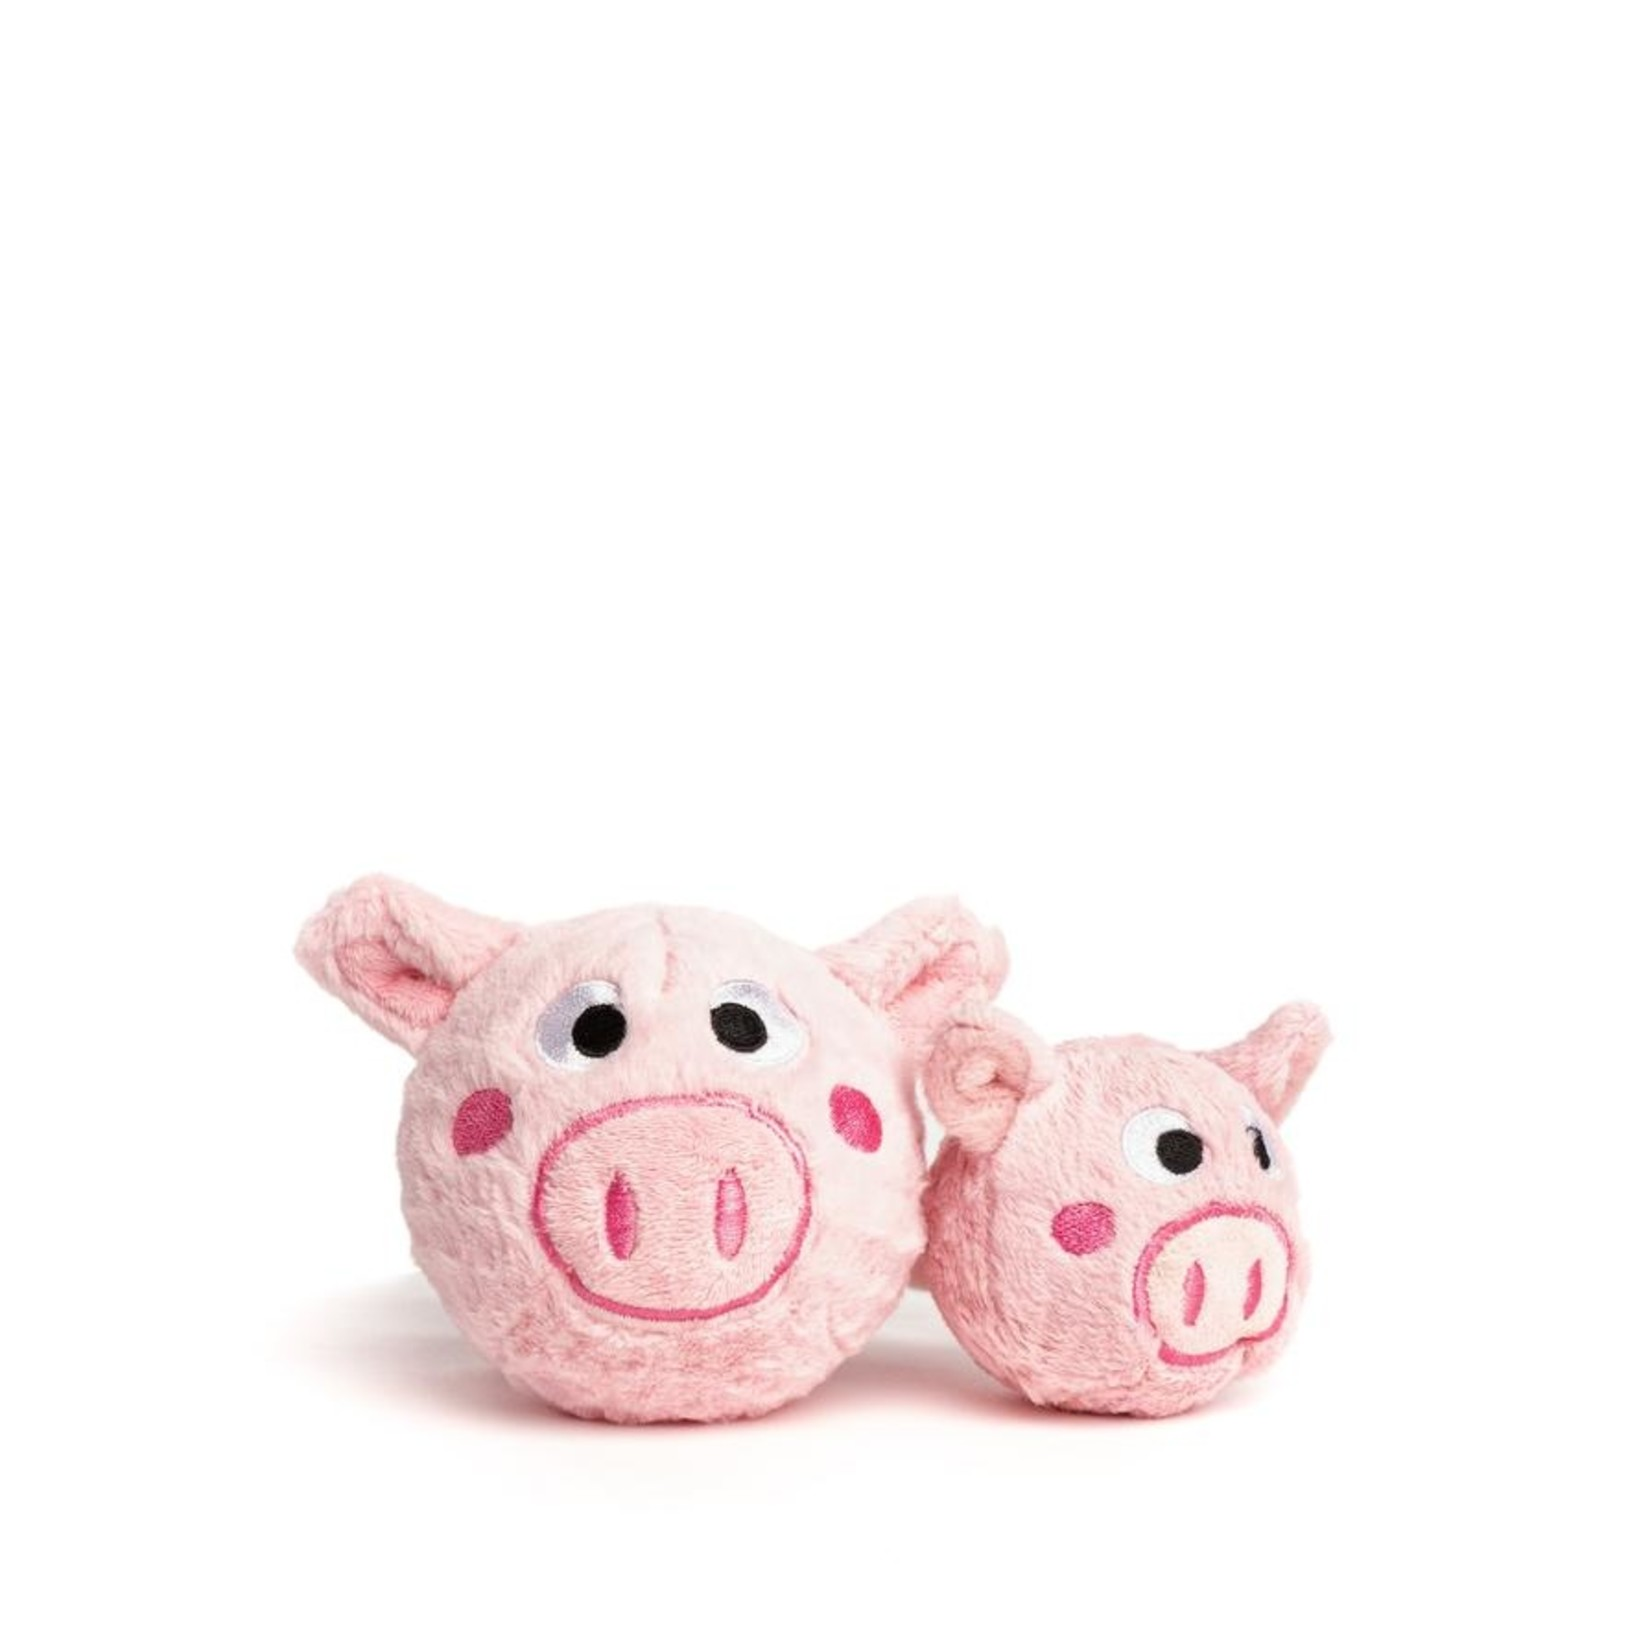 Fabdog Fabdog Faball Pig Dog Toy Small